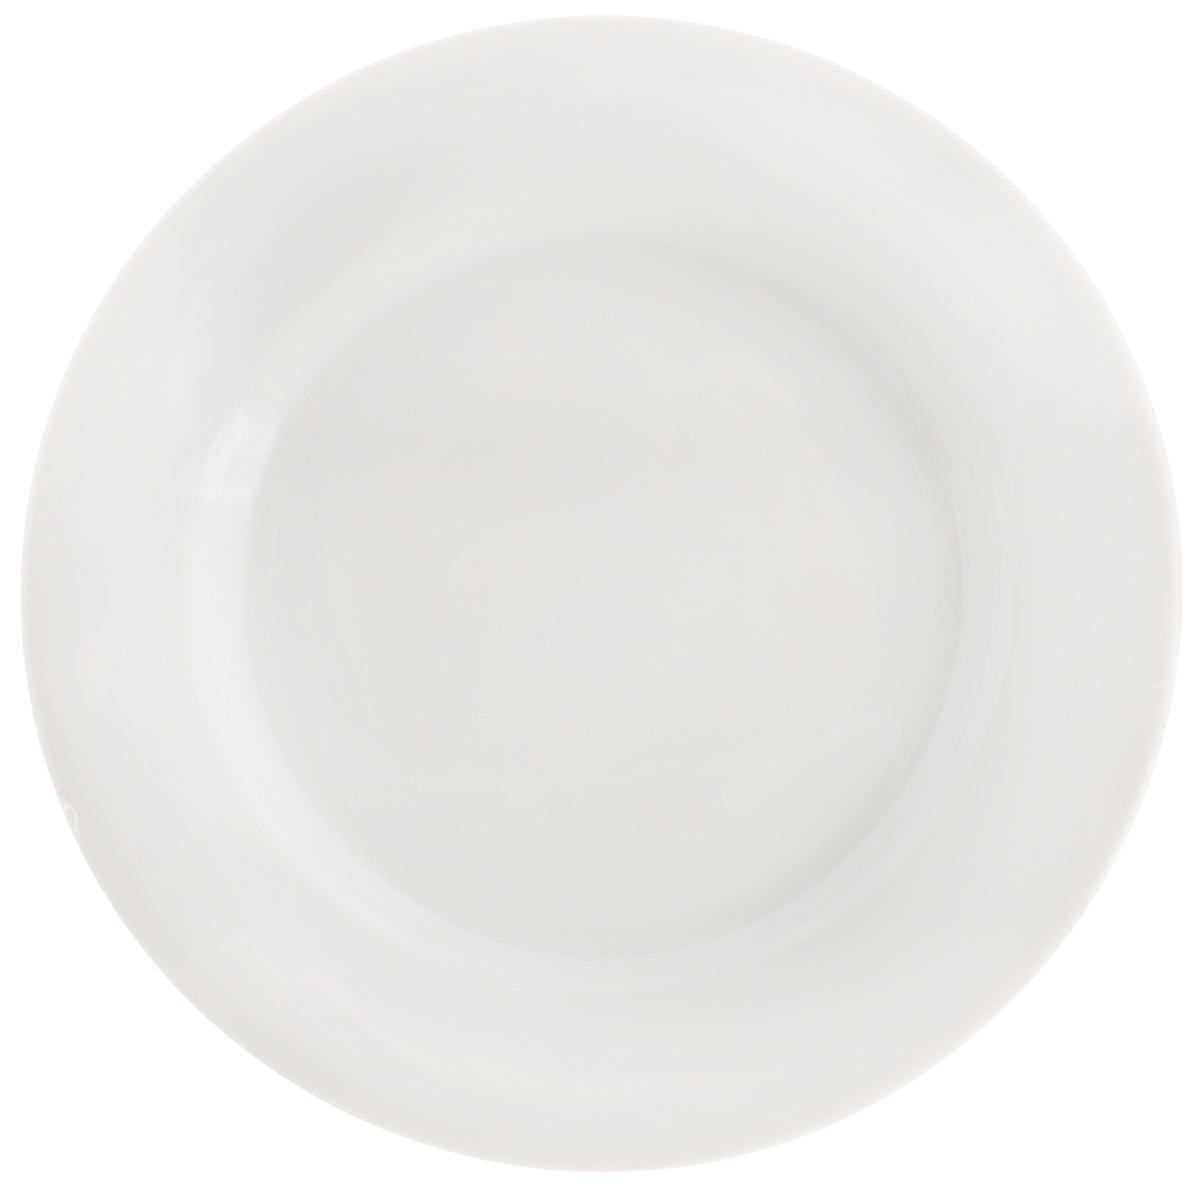 Блюдце Фарфор Вербилок, диаметр 15 см3415000ББлюдце Фарфор Вербилок выполнено из высококачественного фарфора. После обжига глазурь становится прозрачной, изделие приобретает глянцевый блеск и твердость. Блюдце Фарфор Вербилок идеально подойдет для сервировки стола и станет отличным подарком к любому празднику.